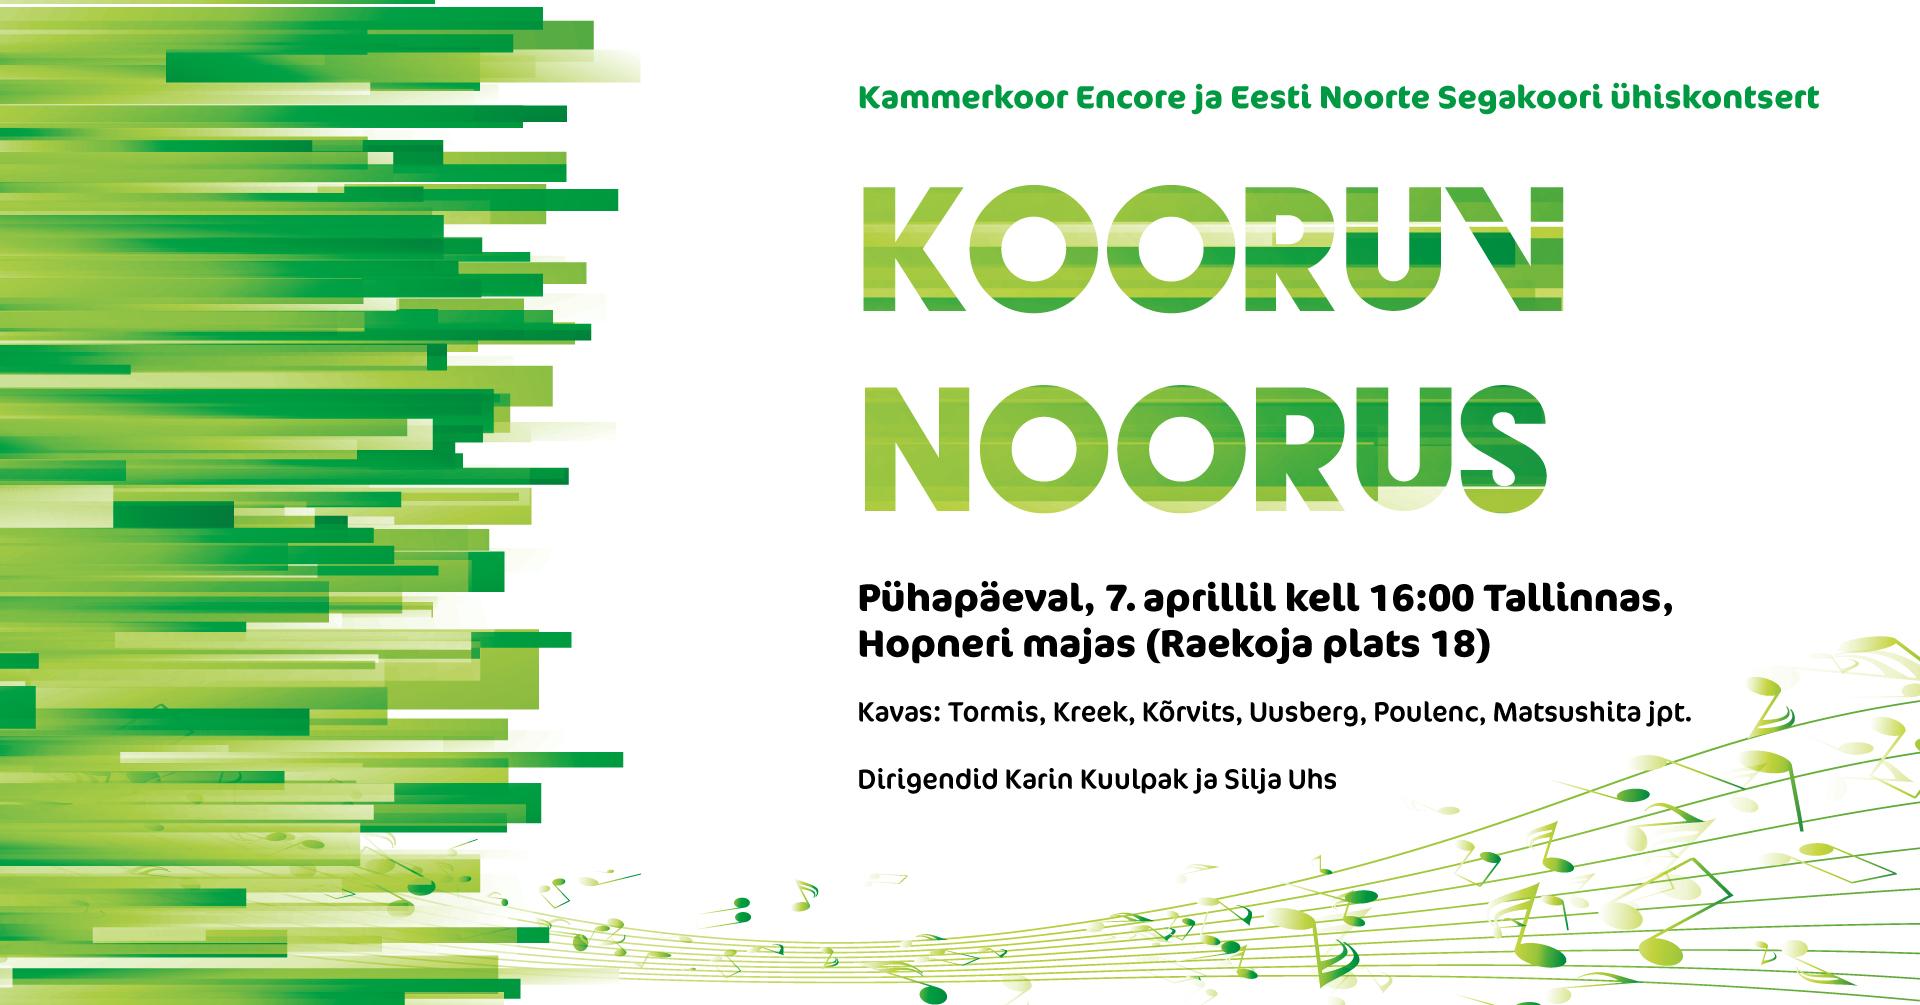 EKKL-Kooruv-Noorus-FB-Event-1920x1005